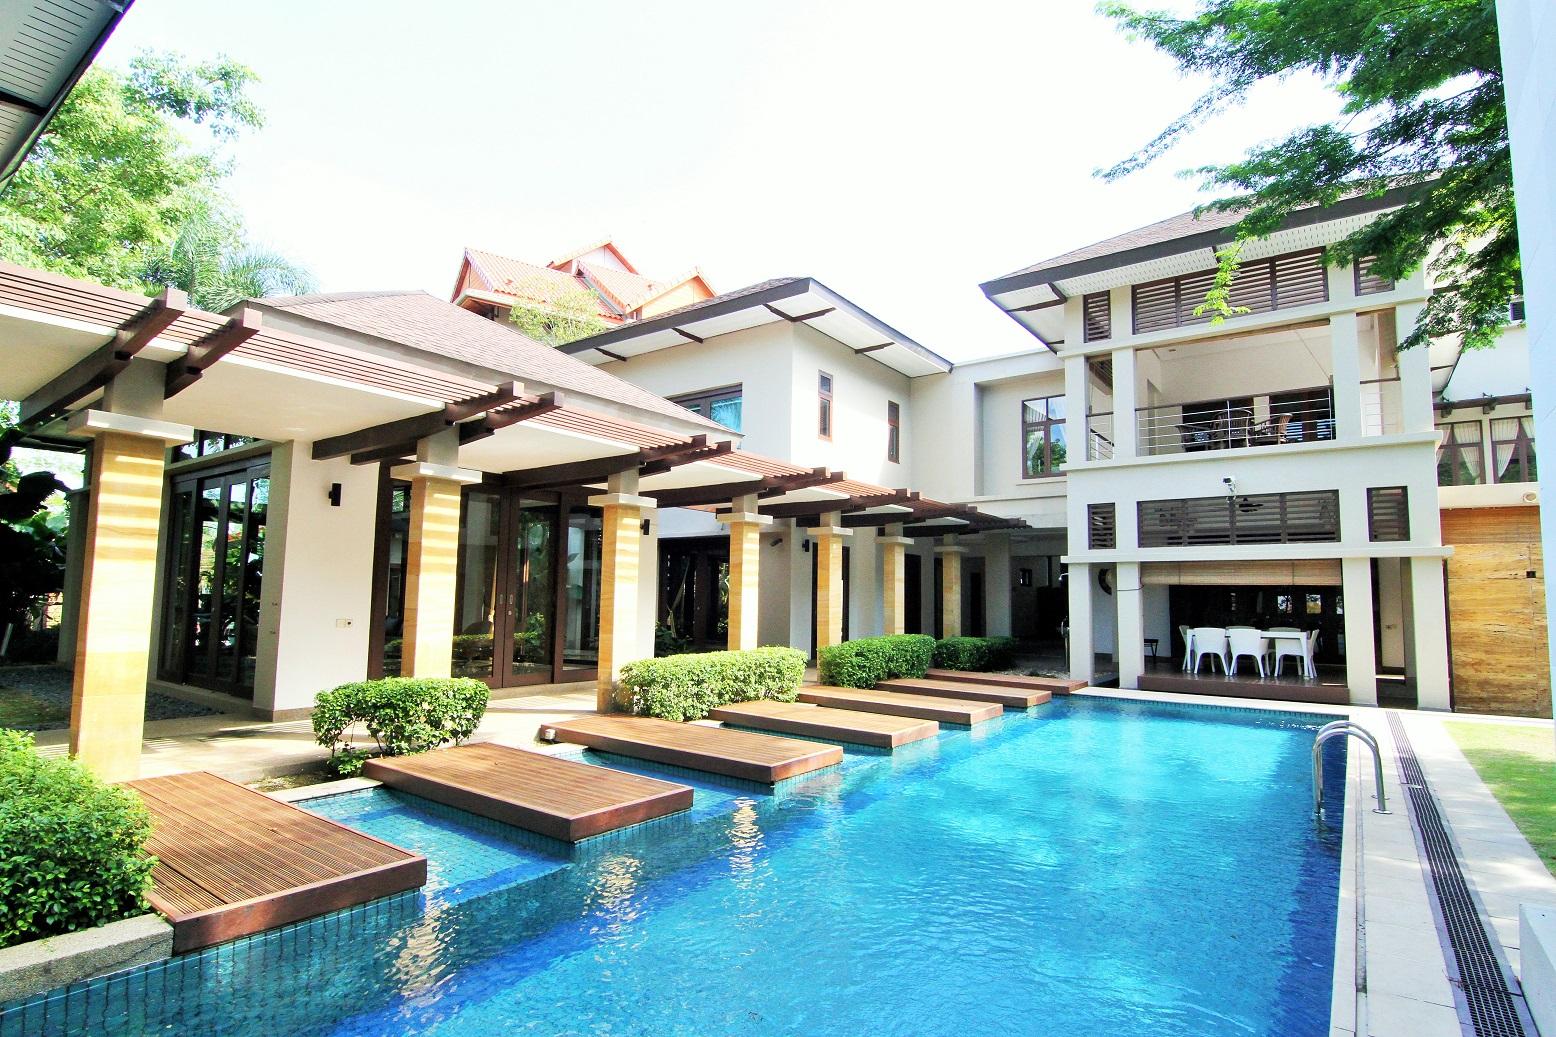 Cendana sejatera bungalow seksyen 7 shah alam for sale for Bungalow images design news